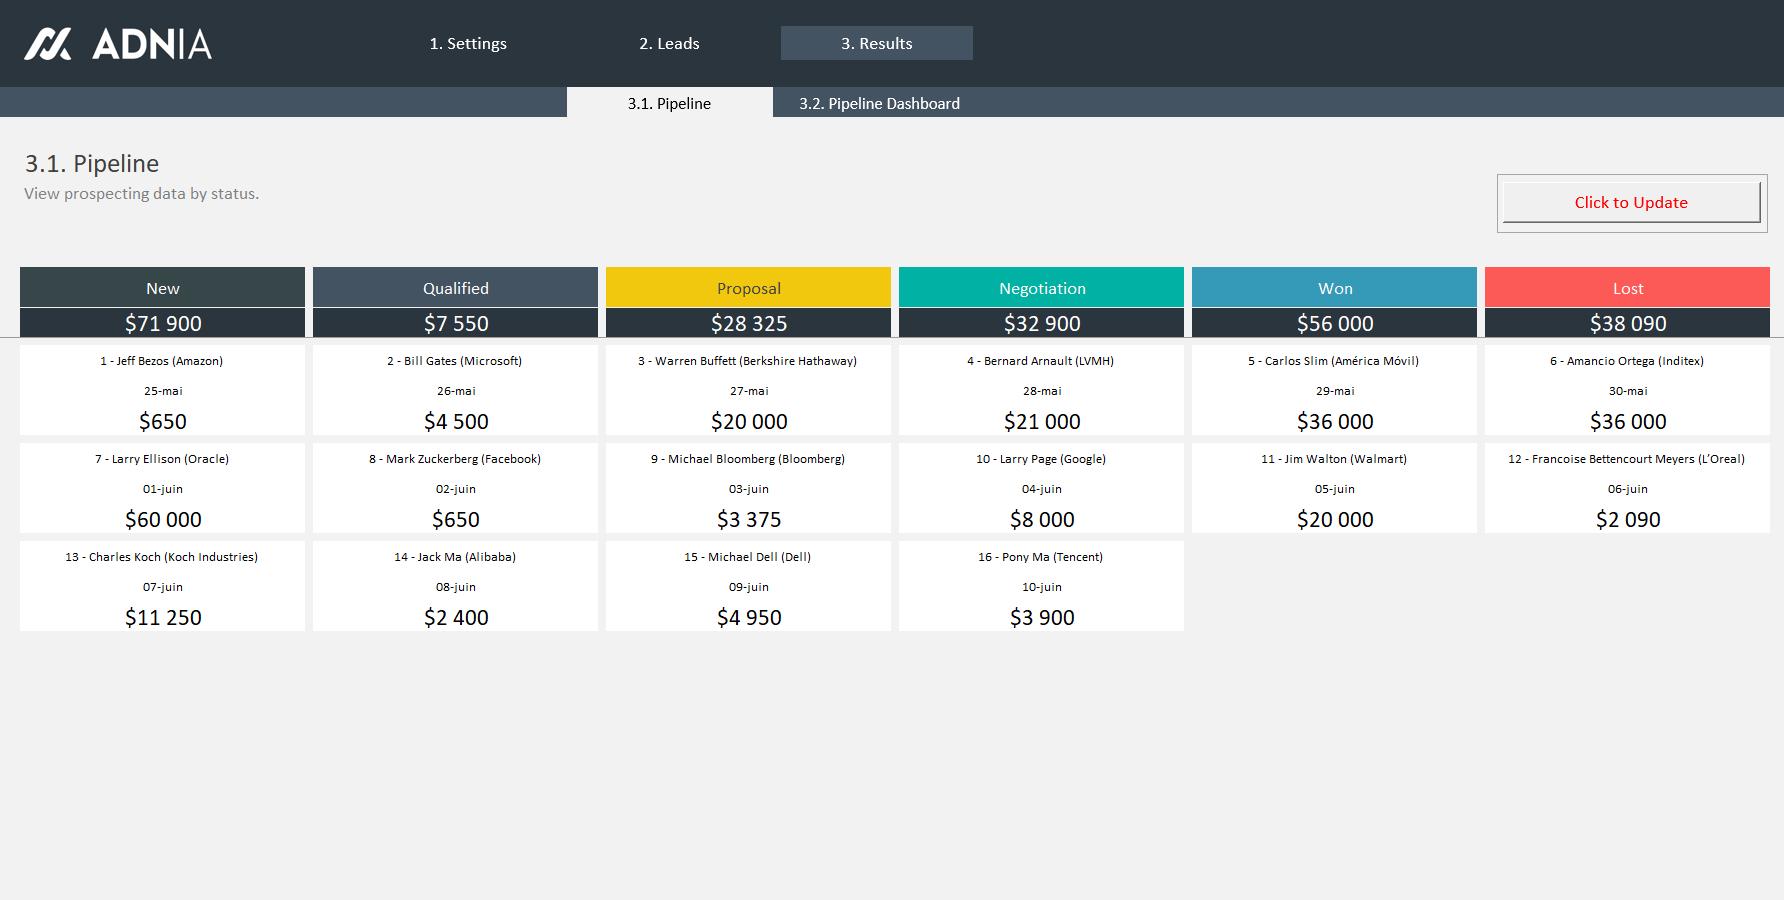 Sales Pipeline Template Excel - Sales Pipeline